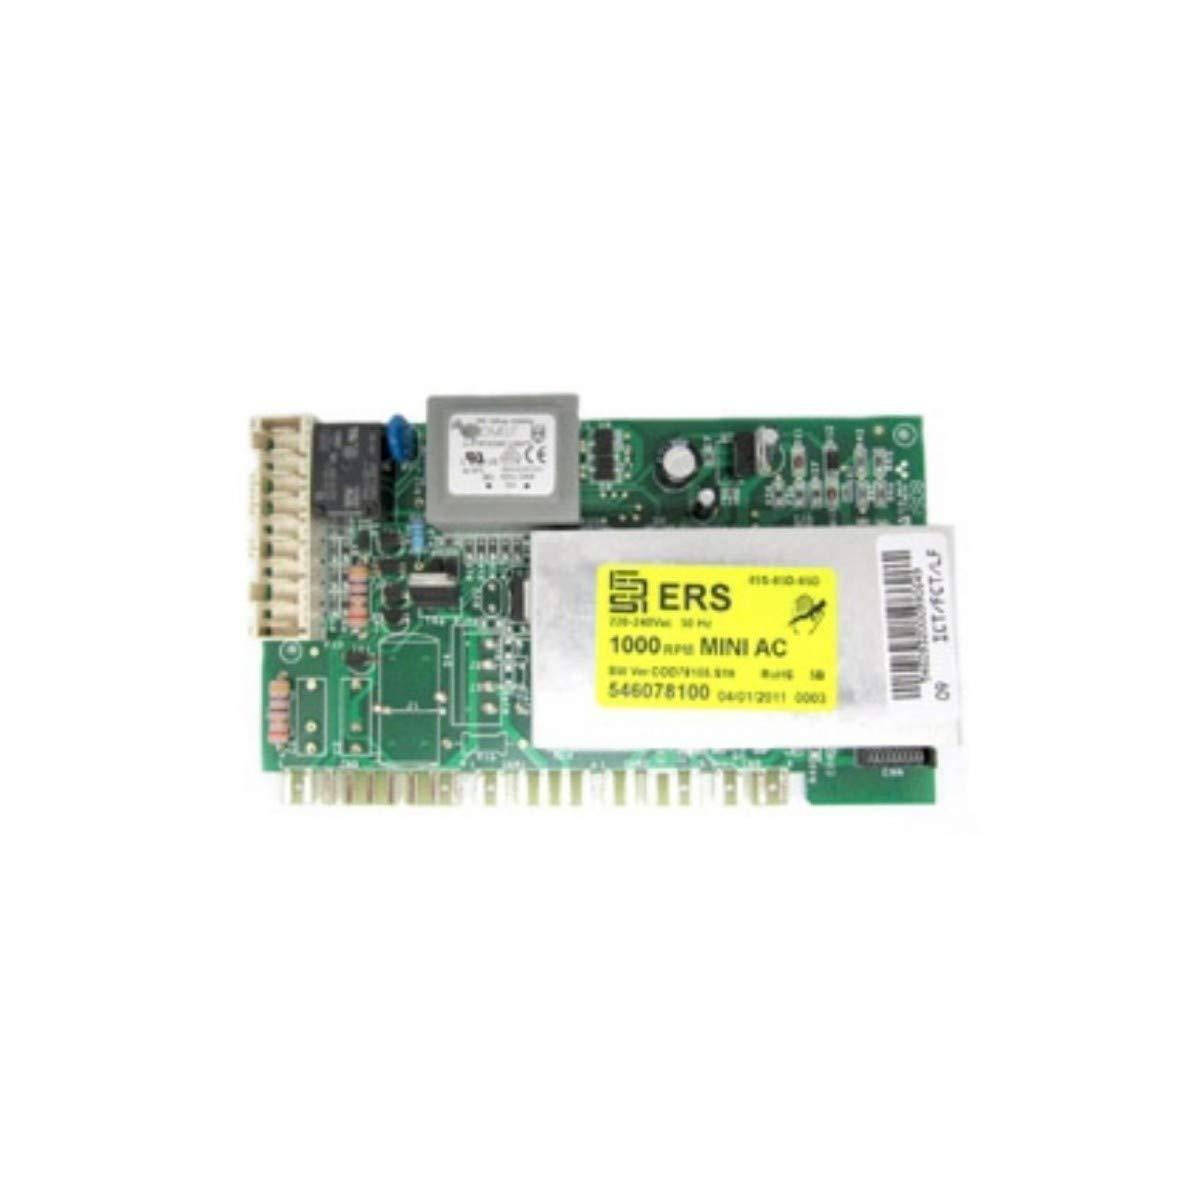 Modulo electronico Lavado Lavadora New Pol XF71007EL 546078100 ...